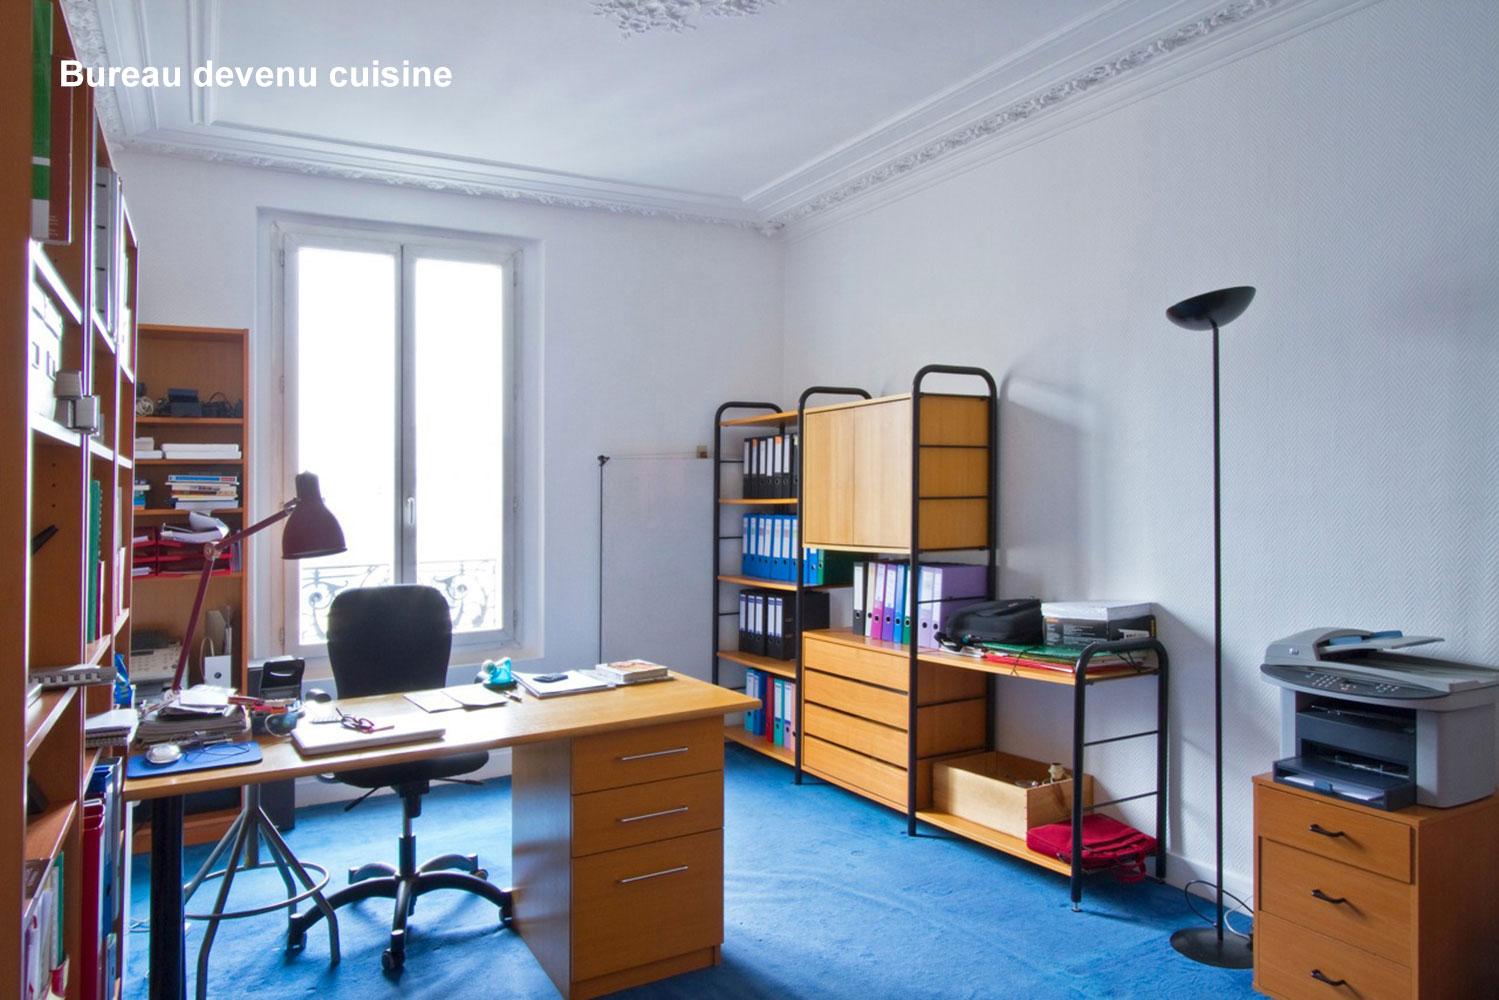 projet-paris-desiron-lizen-photographie-Guillaume-Dutreix-Paris13.jpg